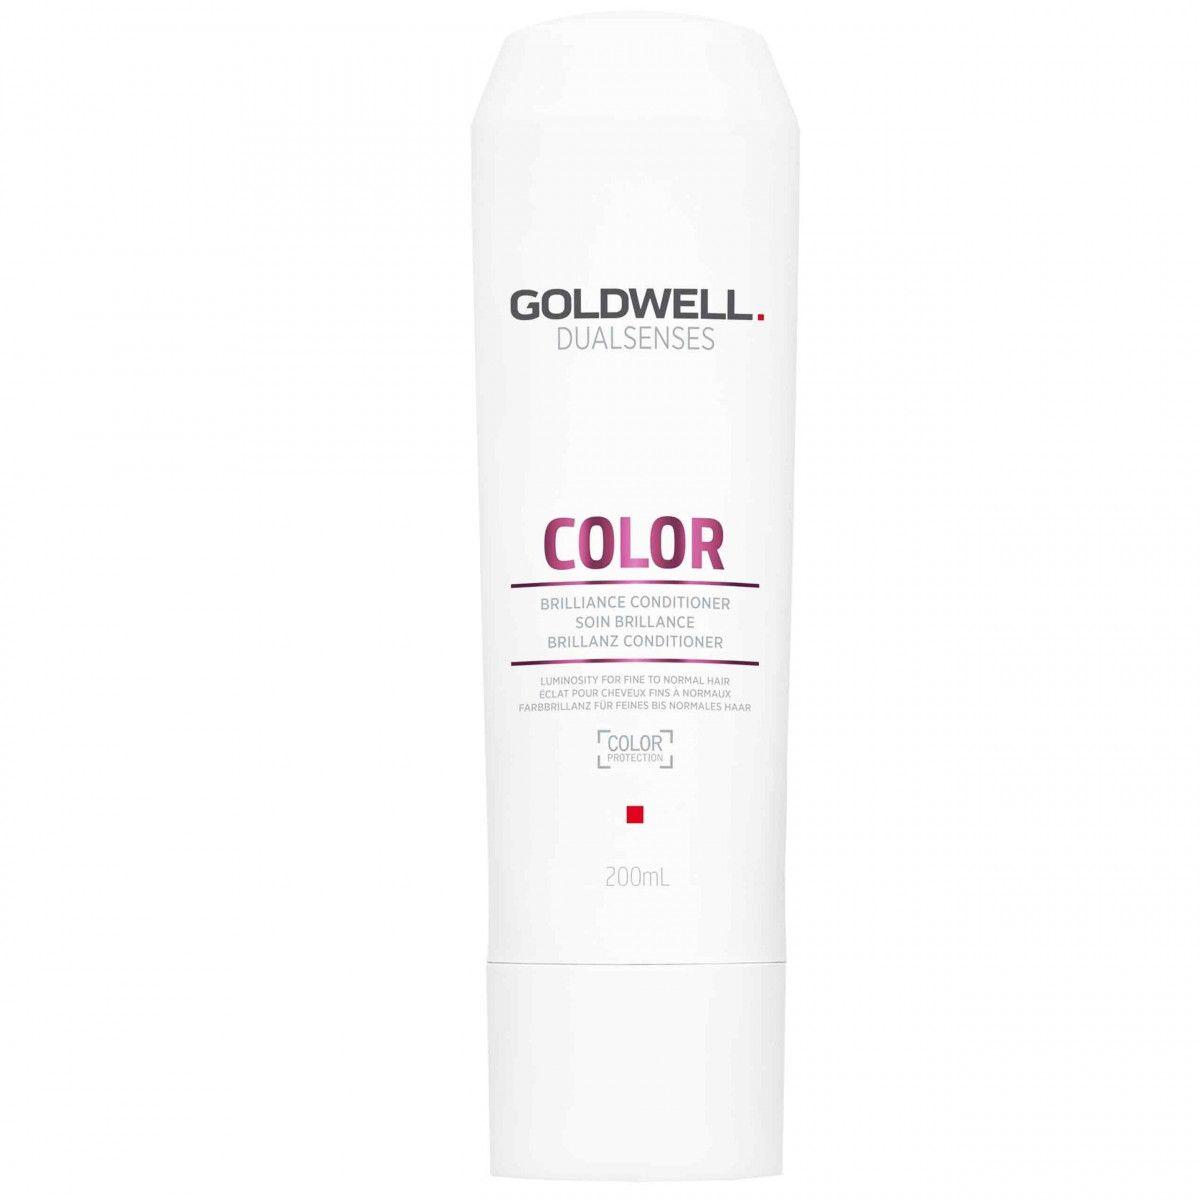 Goldwell DLS Color, Odżywka głęboko regeneracyjna po farbowaniu 200ml